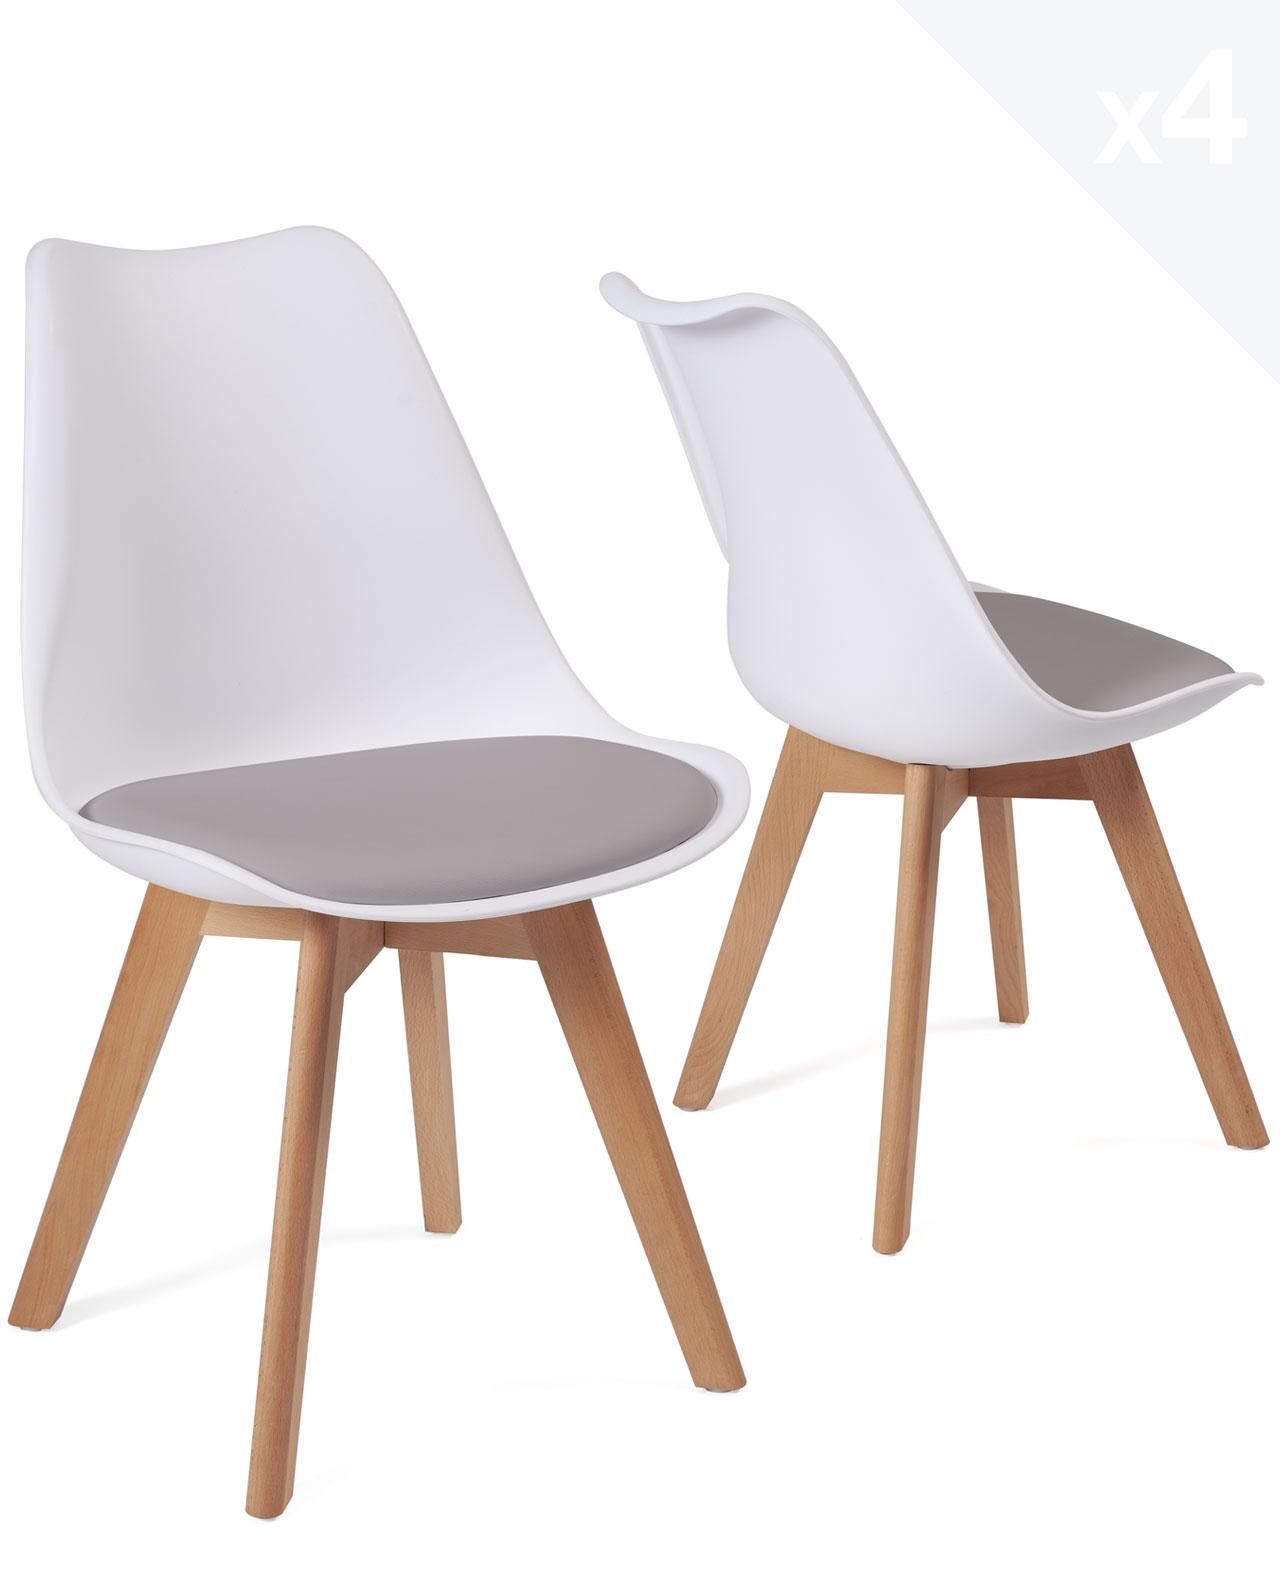 lot de 4 chaises scandinaves avec coussin lao